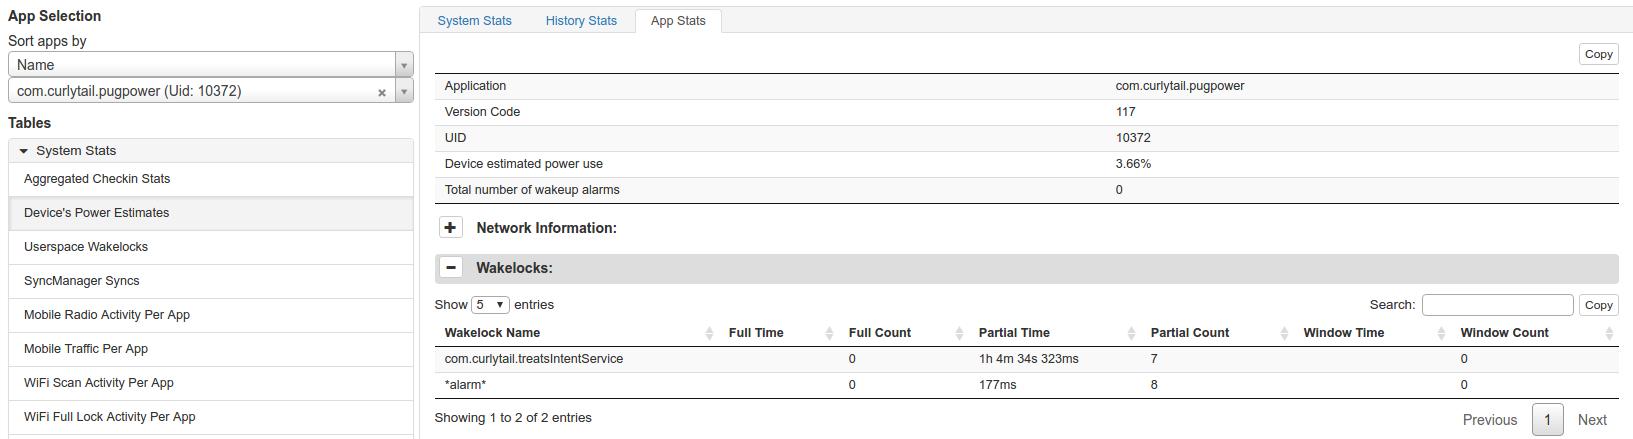 Dados tabulares do app fictício Pug Power.